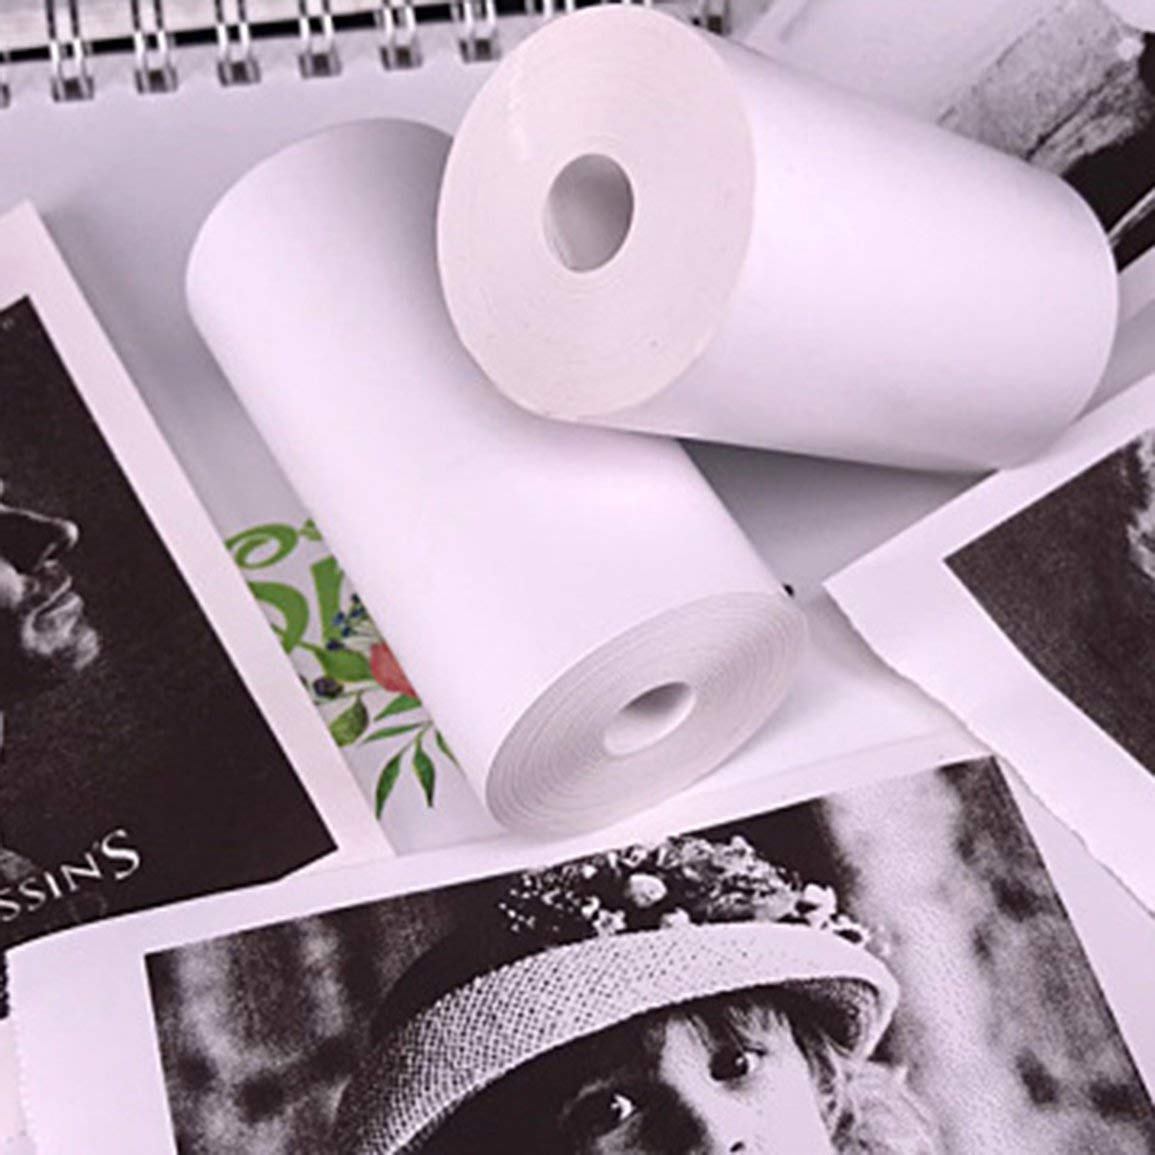 Couleur: blanc 5 rouleaux de papier autocollant papier thermique direct 57x30mm pour imprimante de poche portable PAPERANG